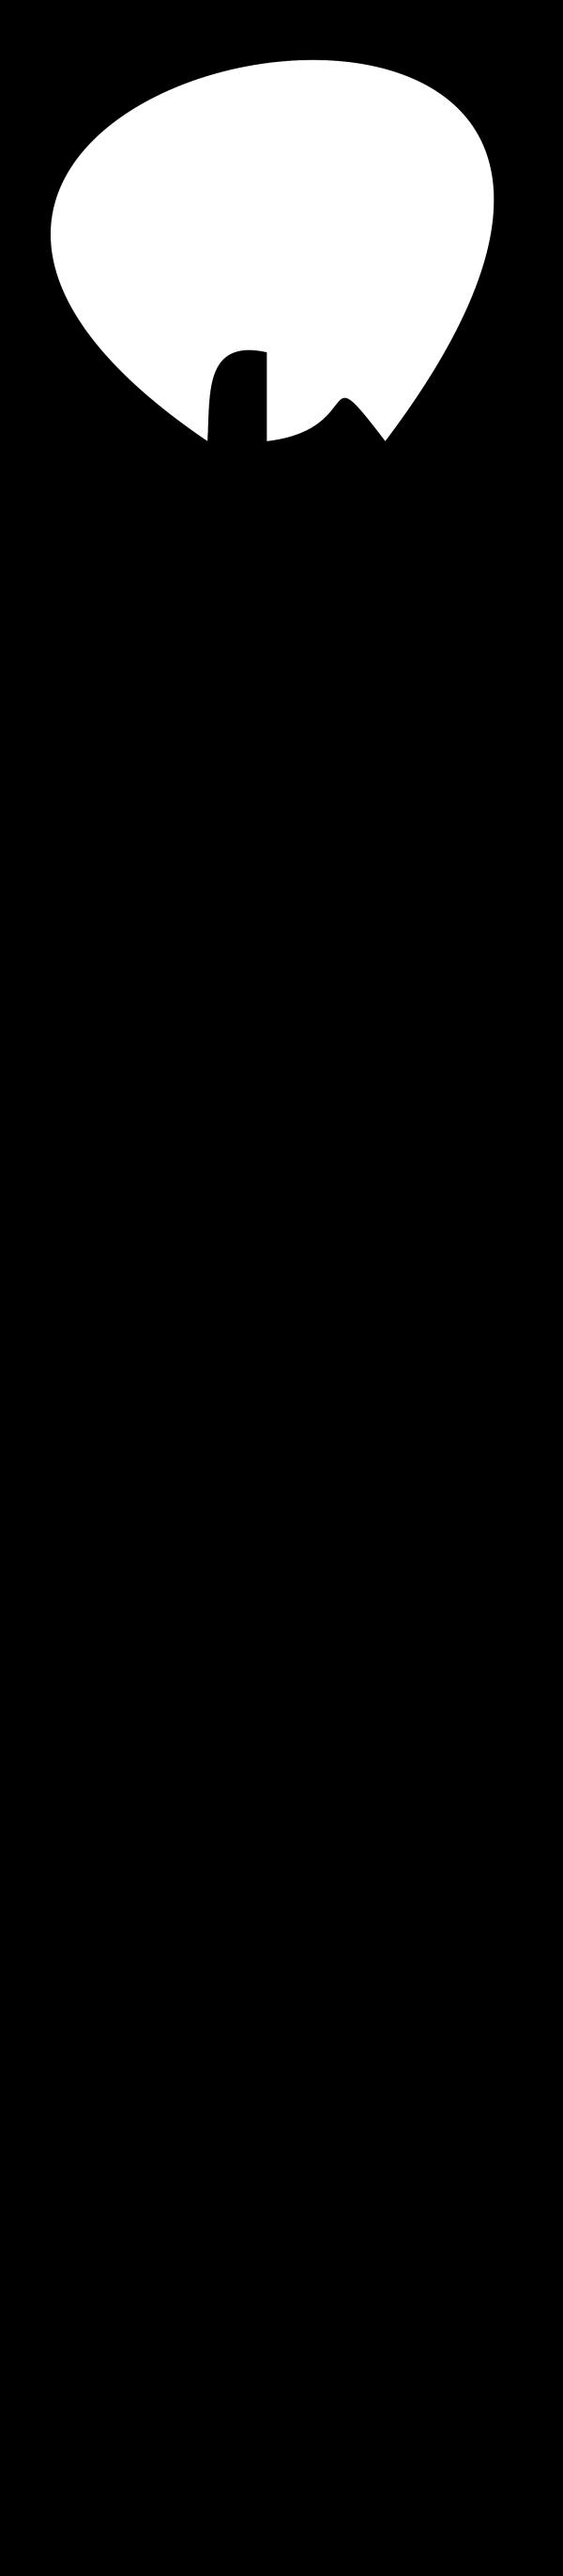 Sport PNG Clip art